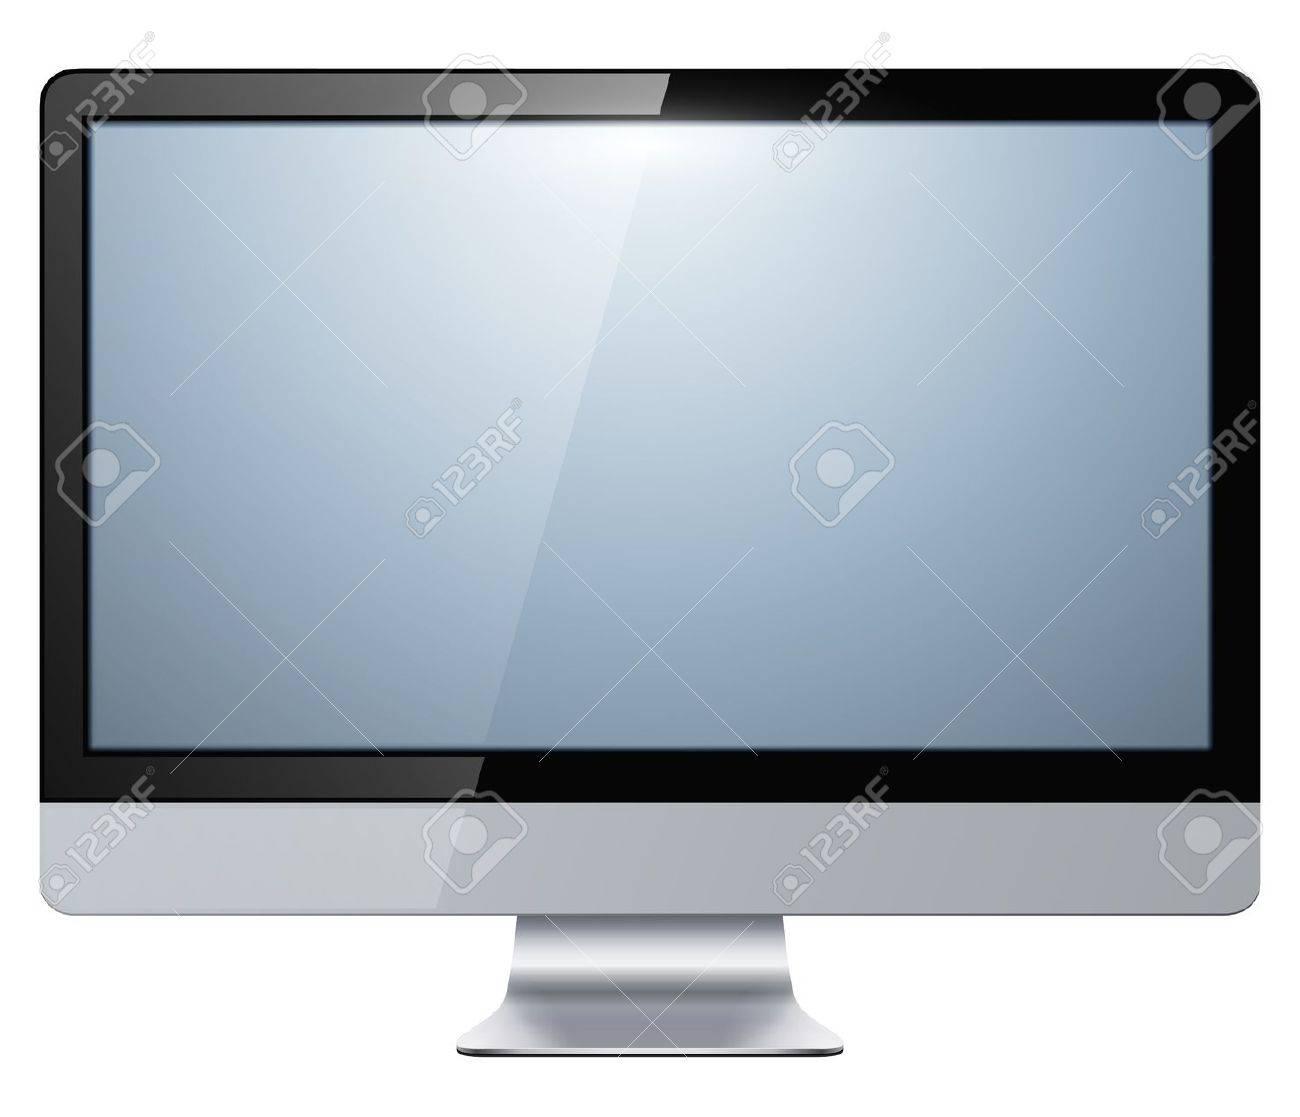 液晶テレビ モニター分離、ベクトル イラスト。 ロイヤリティフリー